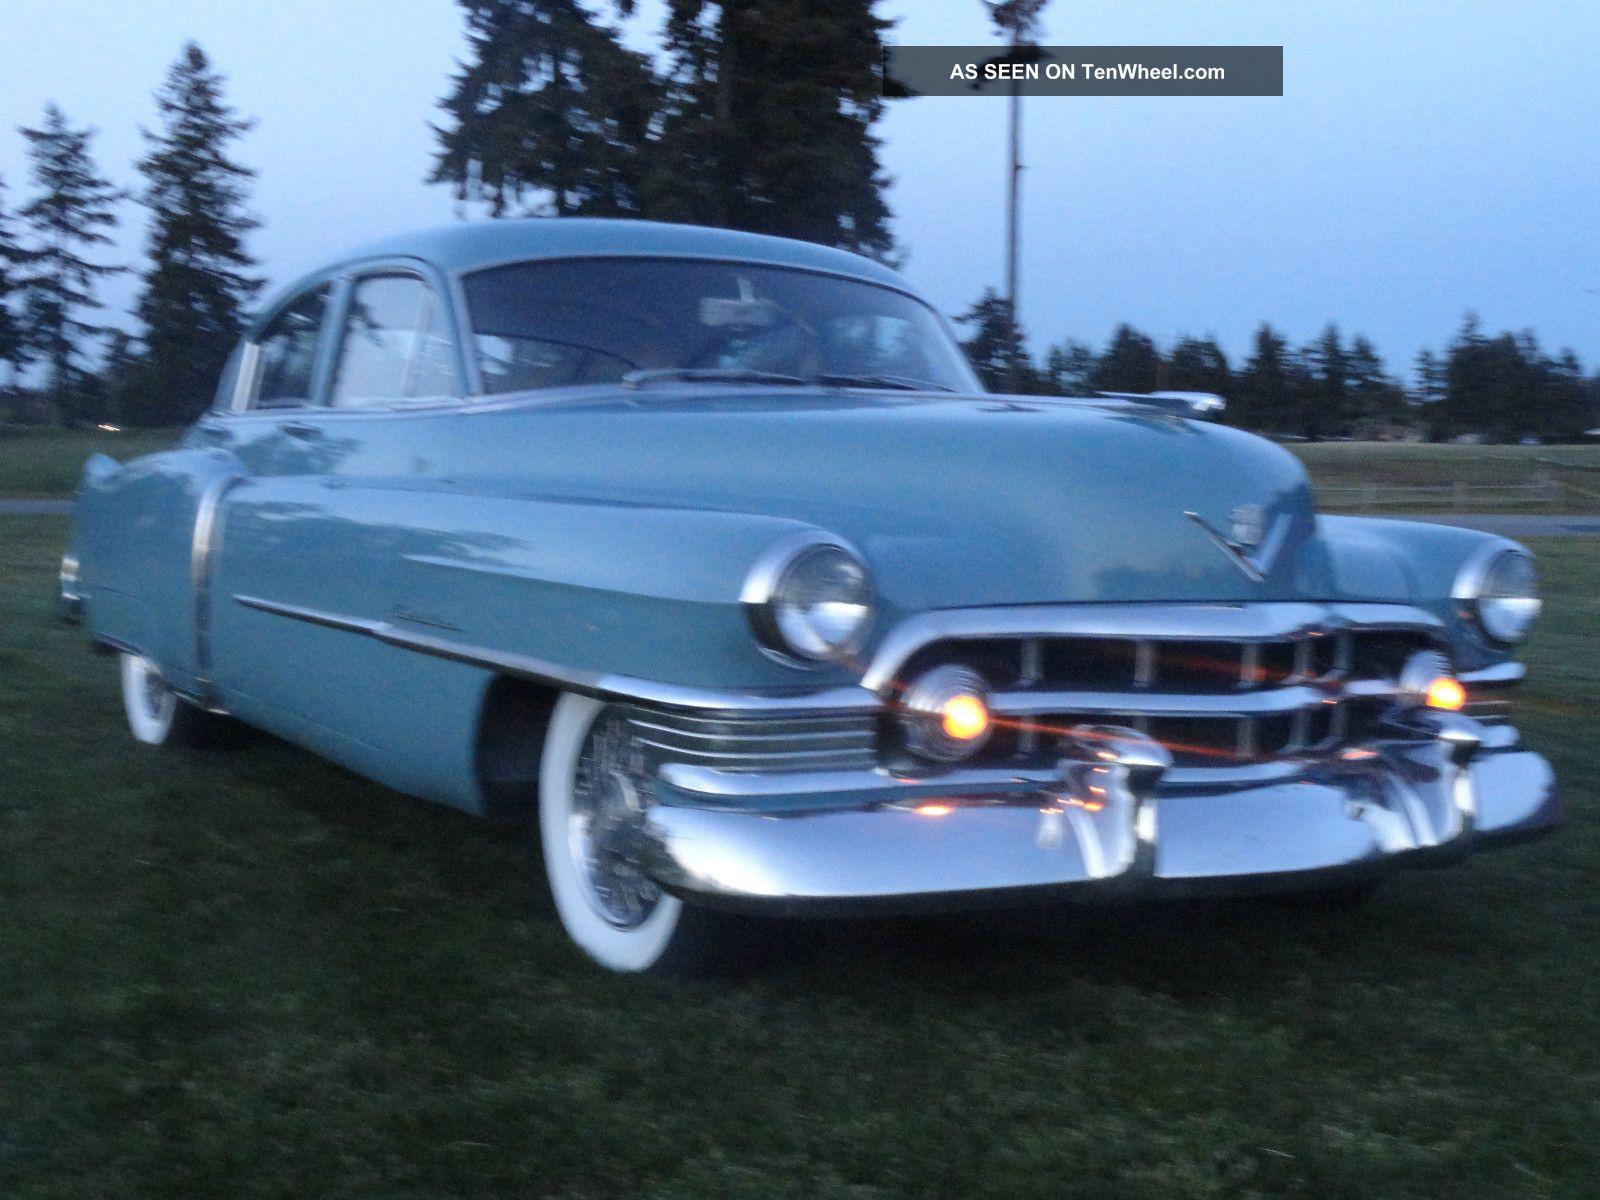 1950 Cadillac Series 61 Auto 4 Door Sedan Classic Rust